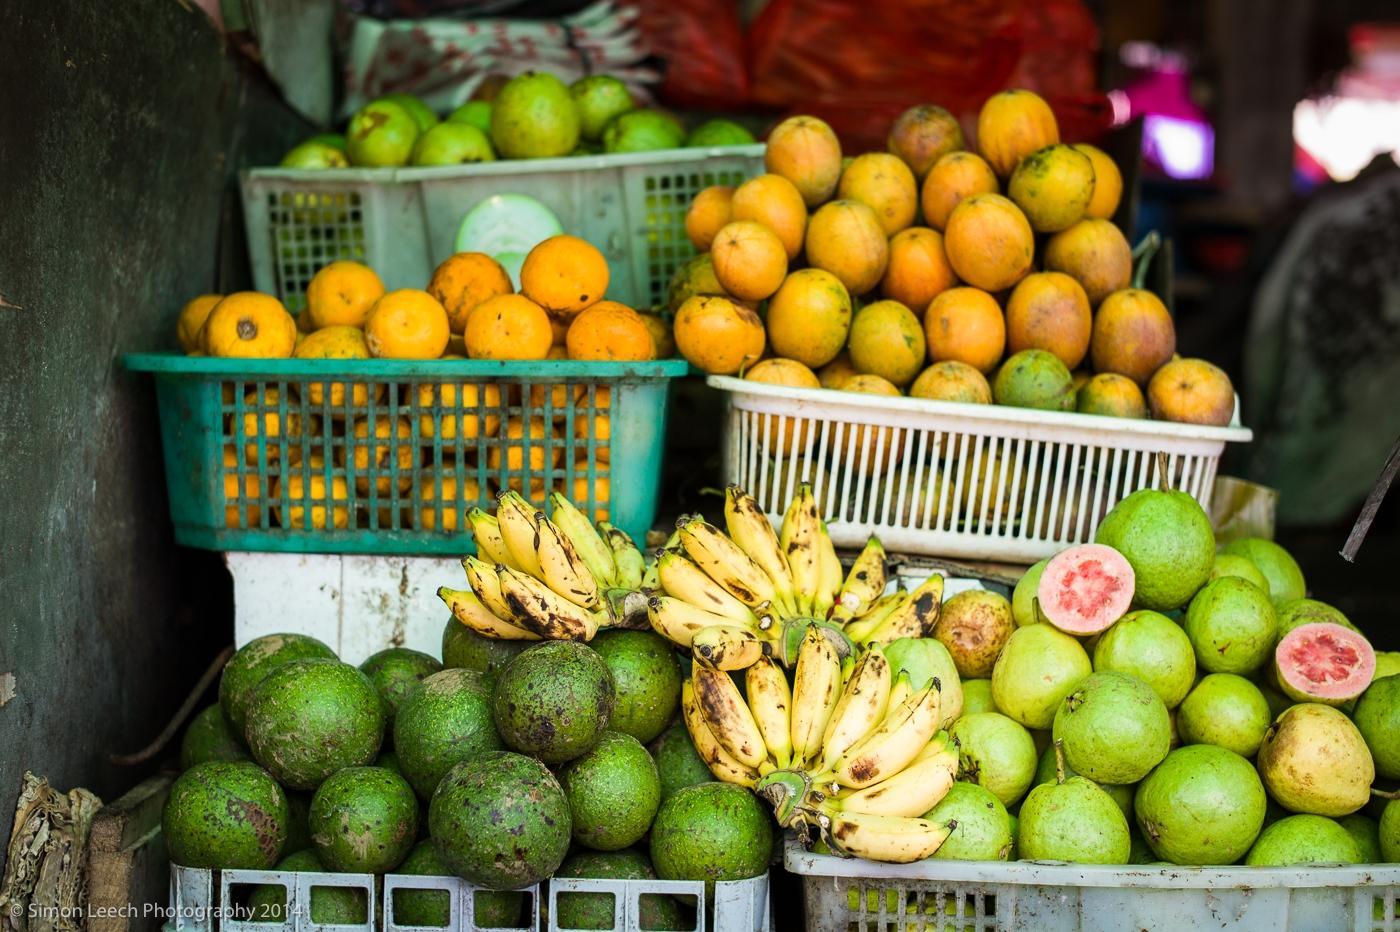 Candi Kuning Fruit Market